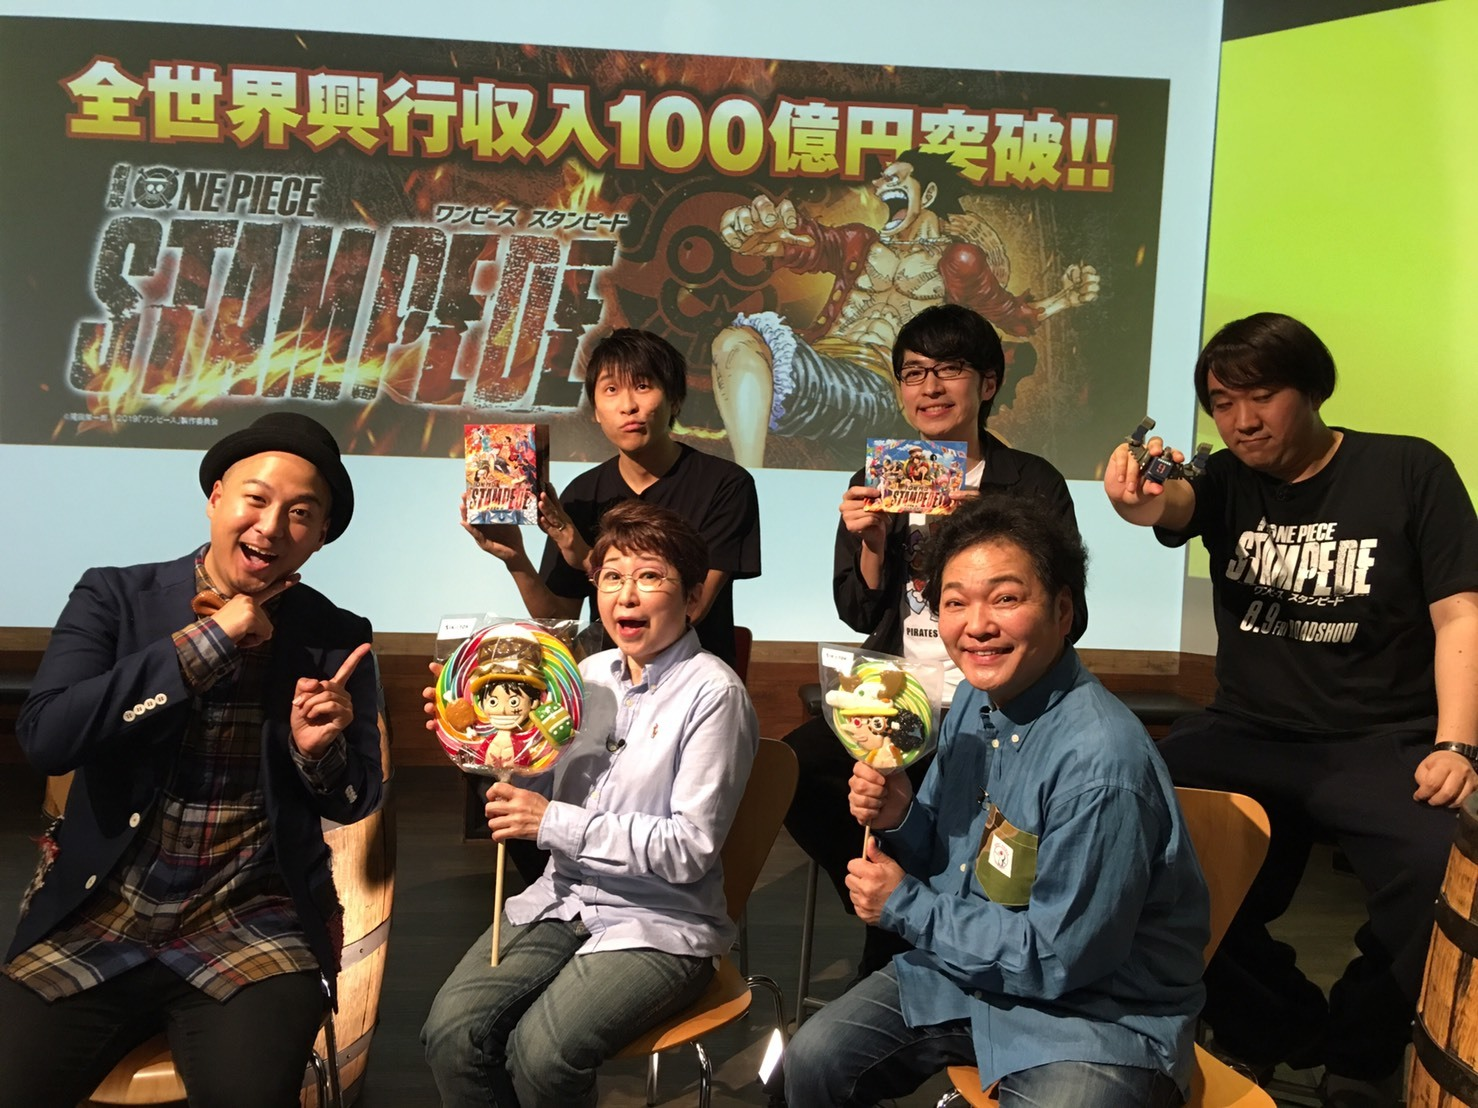 劇場版『ONE PIECE STAMPEDE』Blu-ray & DVD発売記念スペシャルトーク!!_a0163623_21273682.jpg